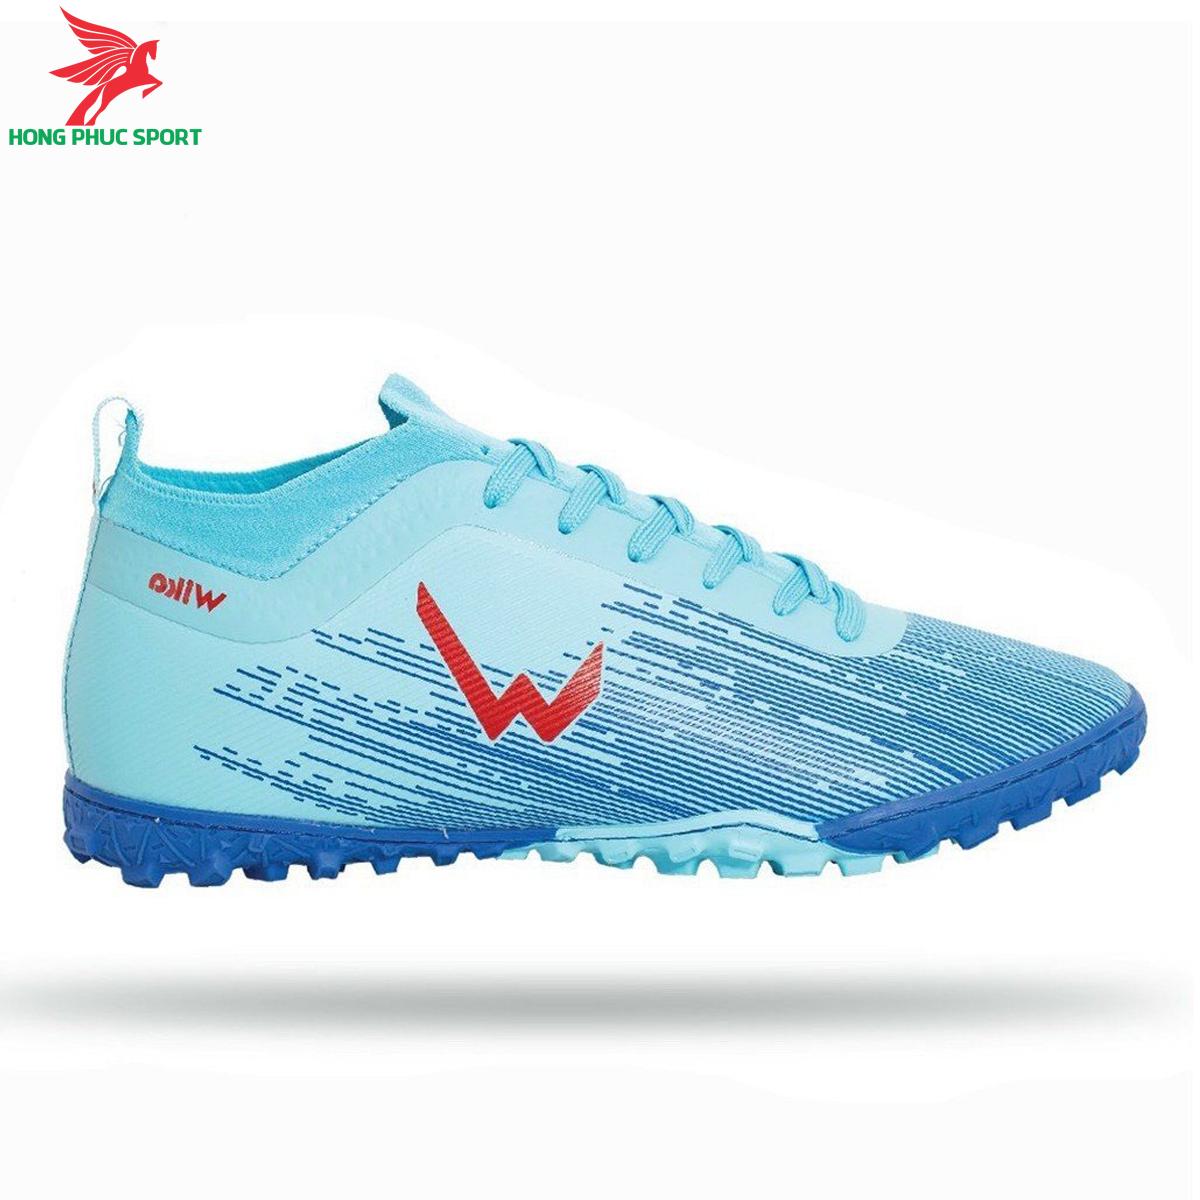 Giày đá banh Wika Subasa đế TF màu xanh ngọc